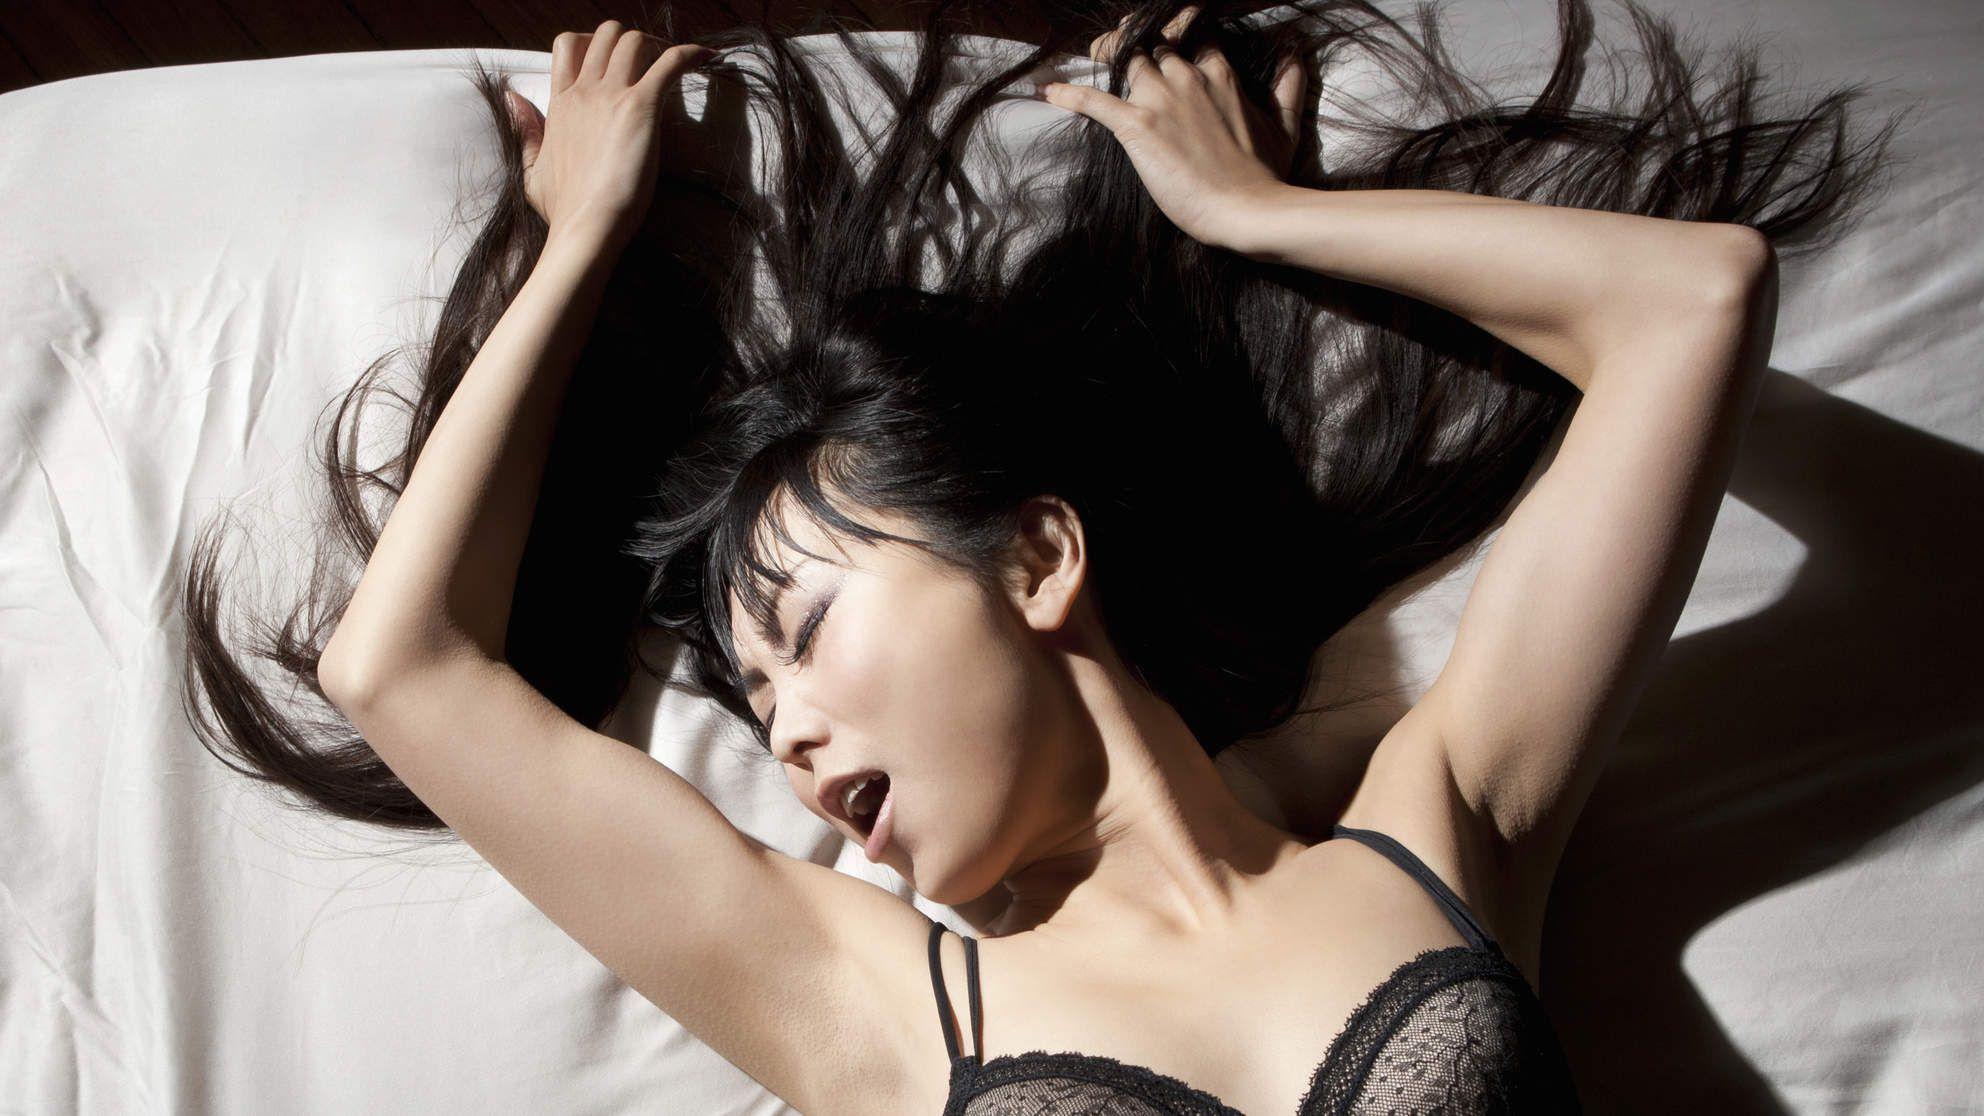 Wife swinger nude